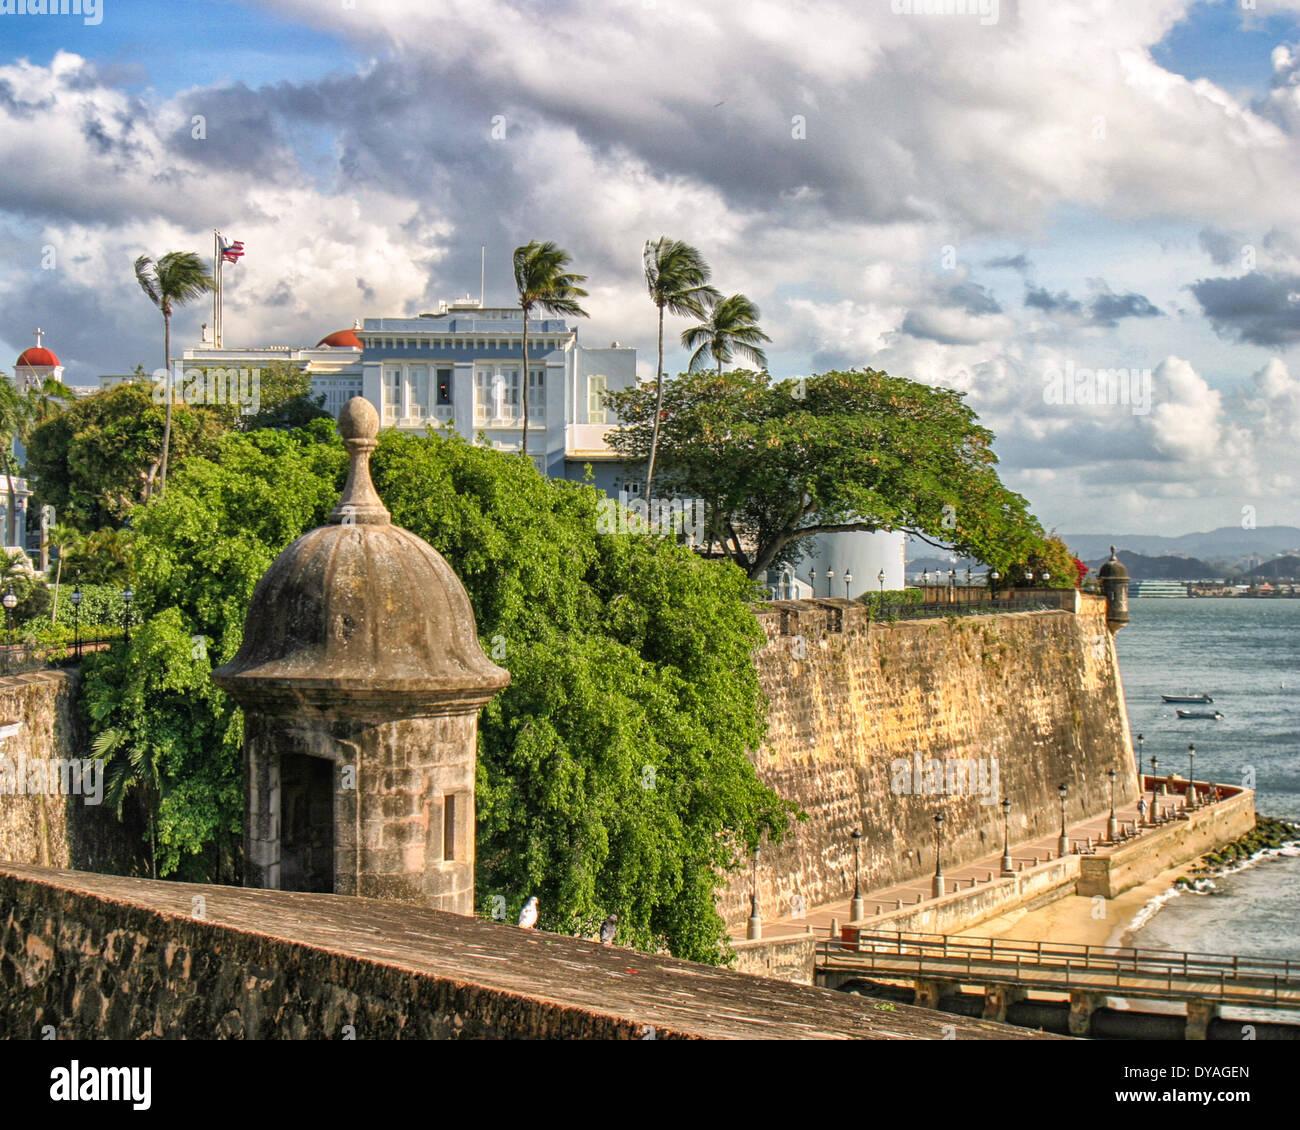 San Juan, Puert Rico, nosotros. 28 Mar, 2005. La Fortaleza, también ...